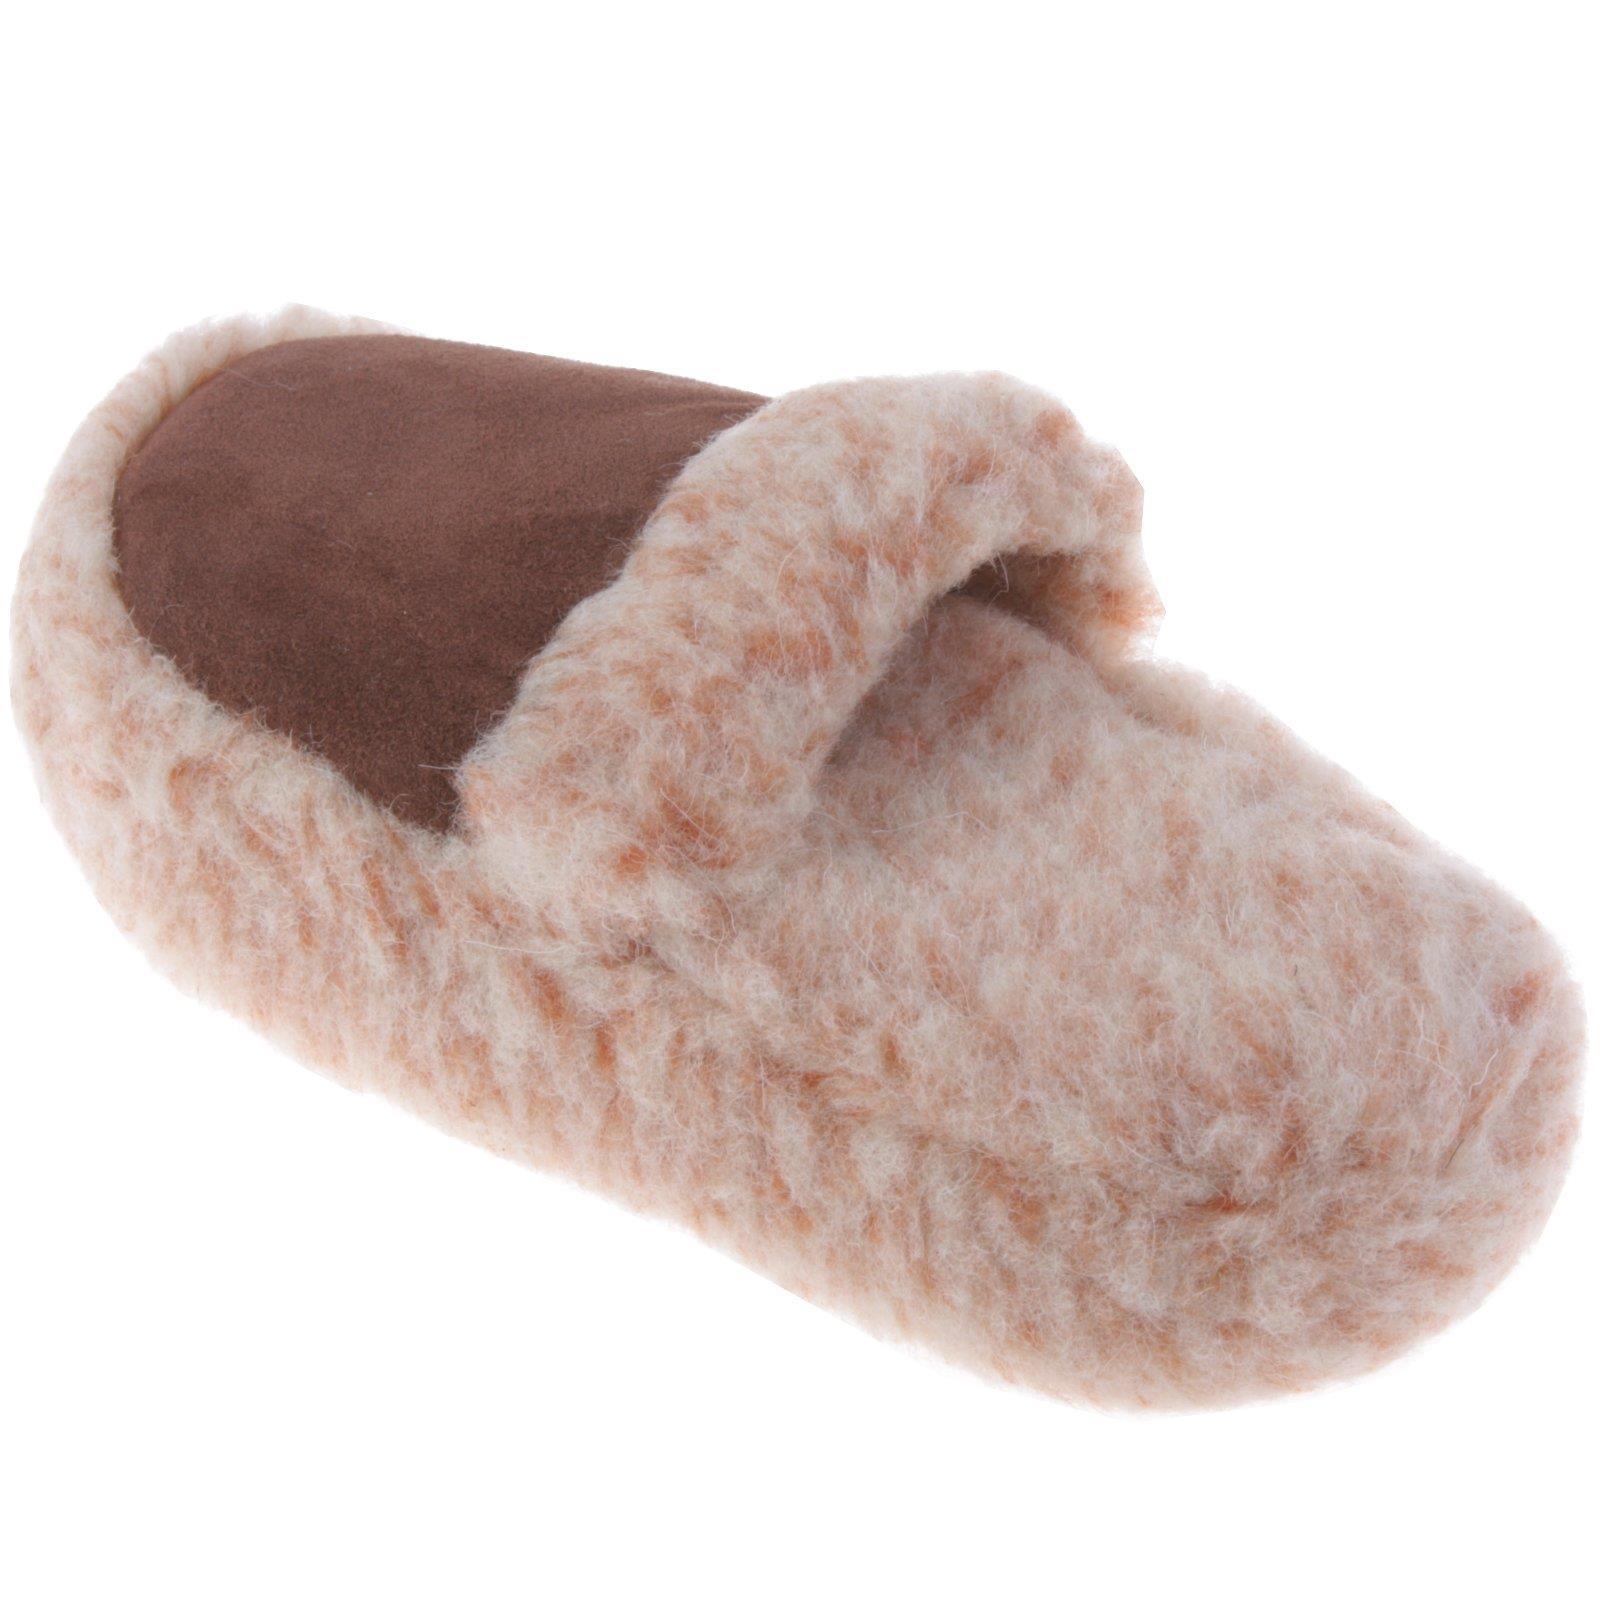 Lammfell-Hausschuhe-Pantoffel-Puschen-Schlappen-Slipper-Pluesch-Unisex-37-46 Indexbild 50